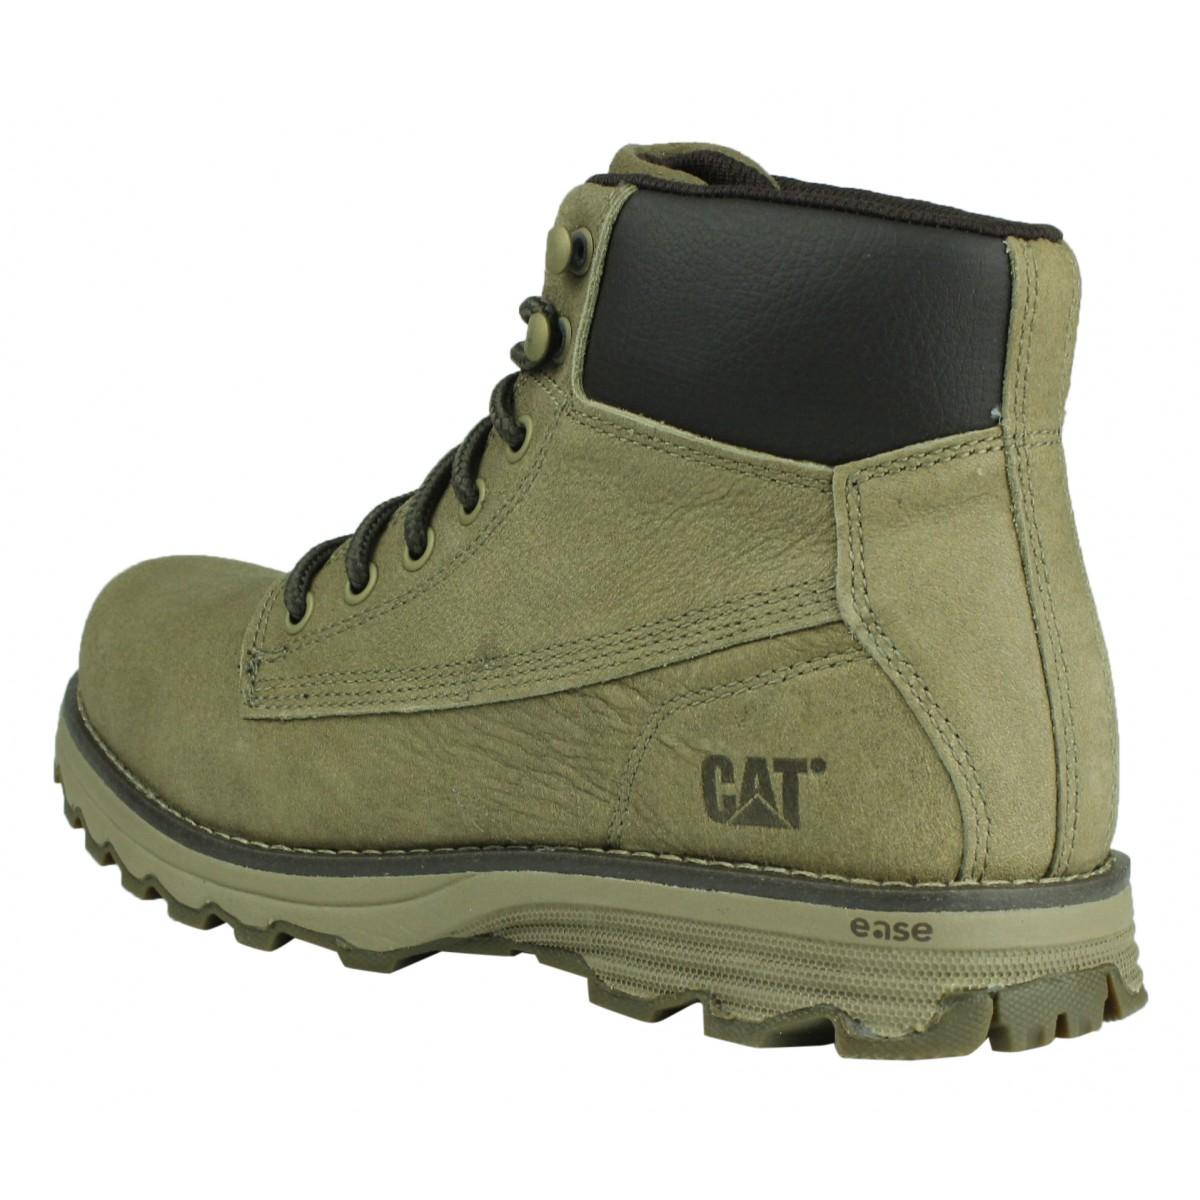 Caterpillar Werkschoenen.Caterpillar P721671 Intake Bruin Heren Schoenen Leer Cat